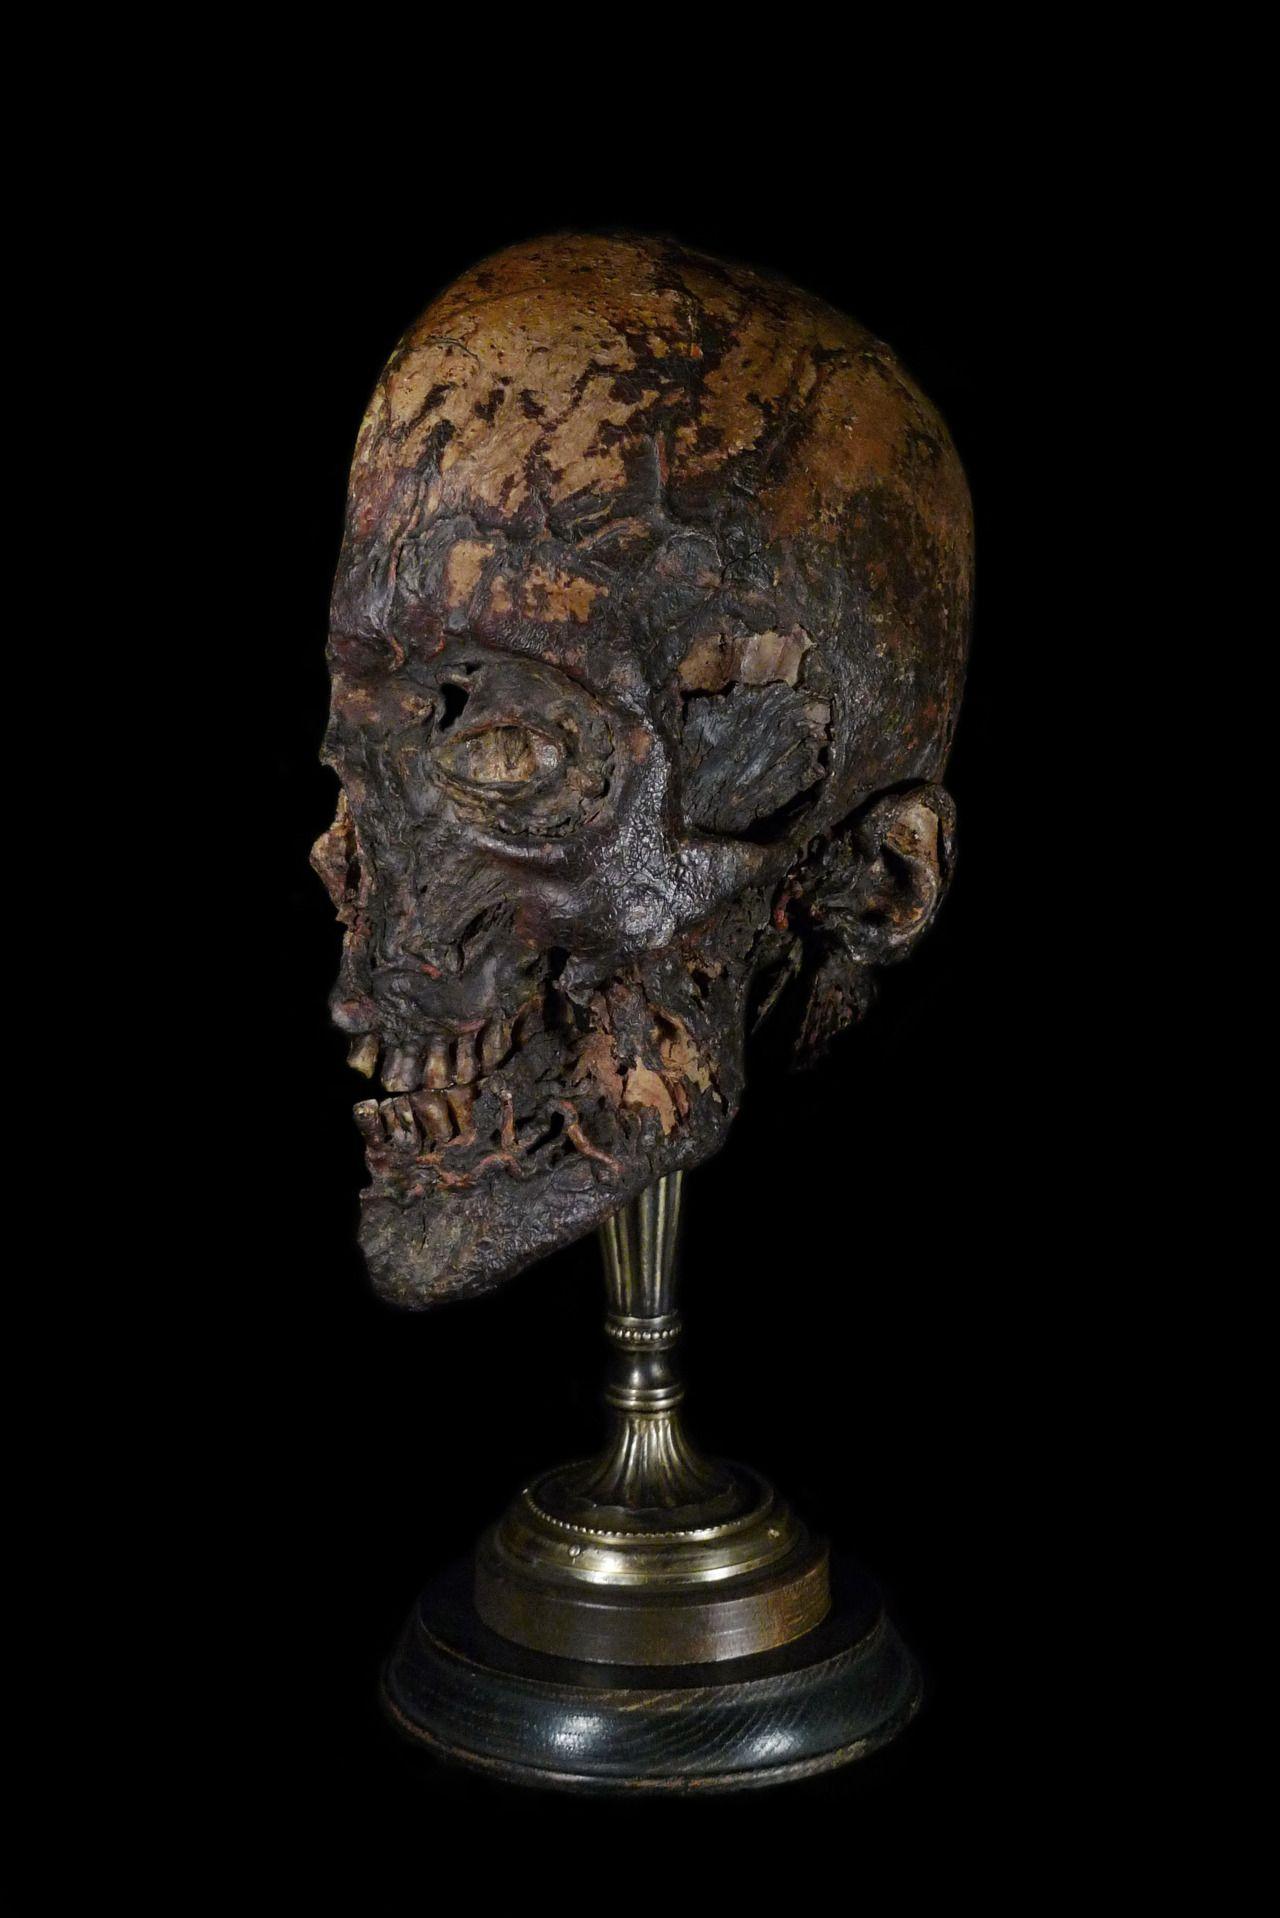 Half Of A Mummified Human Head Mounted By Ryan Matthew